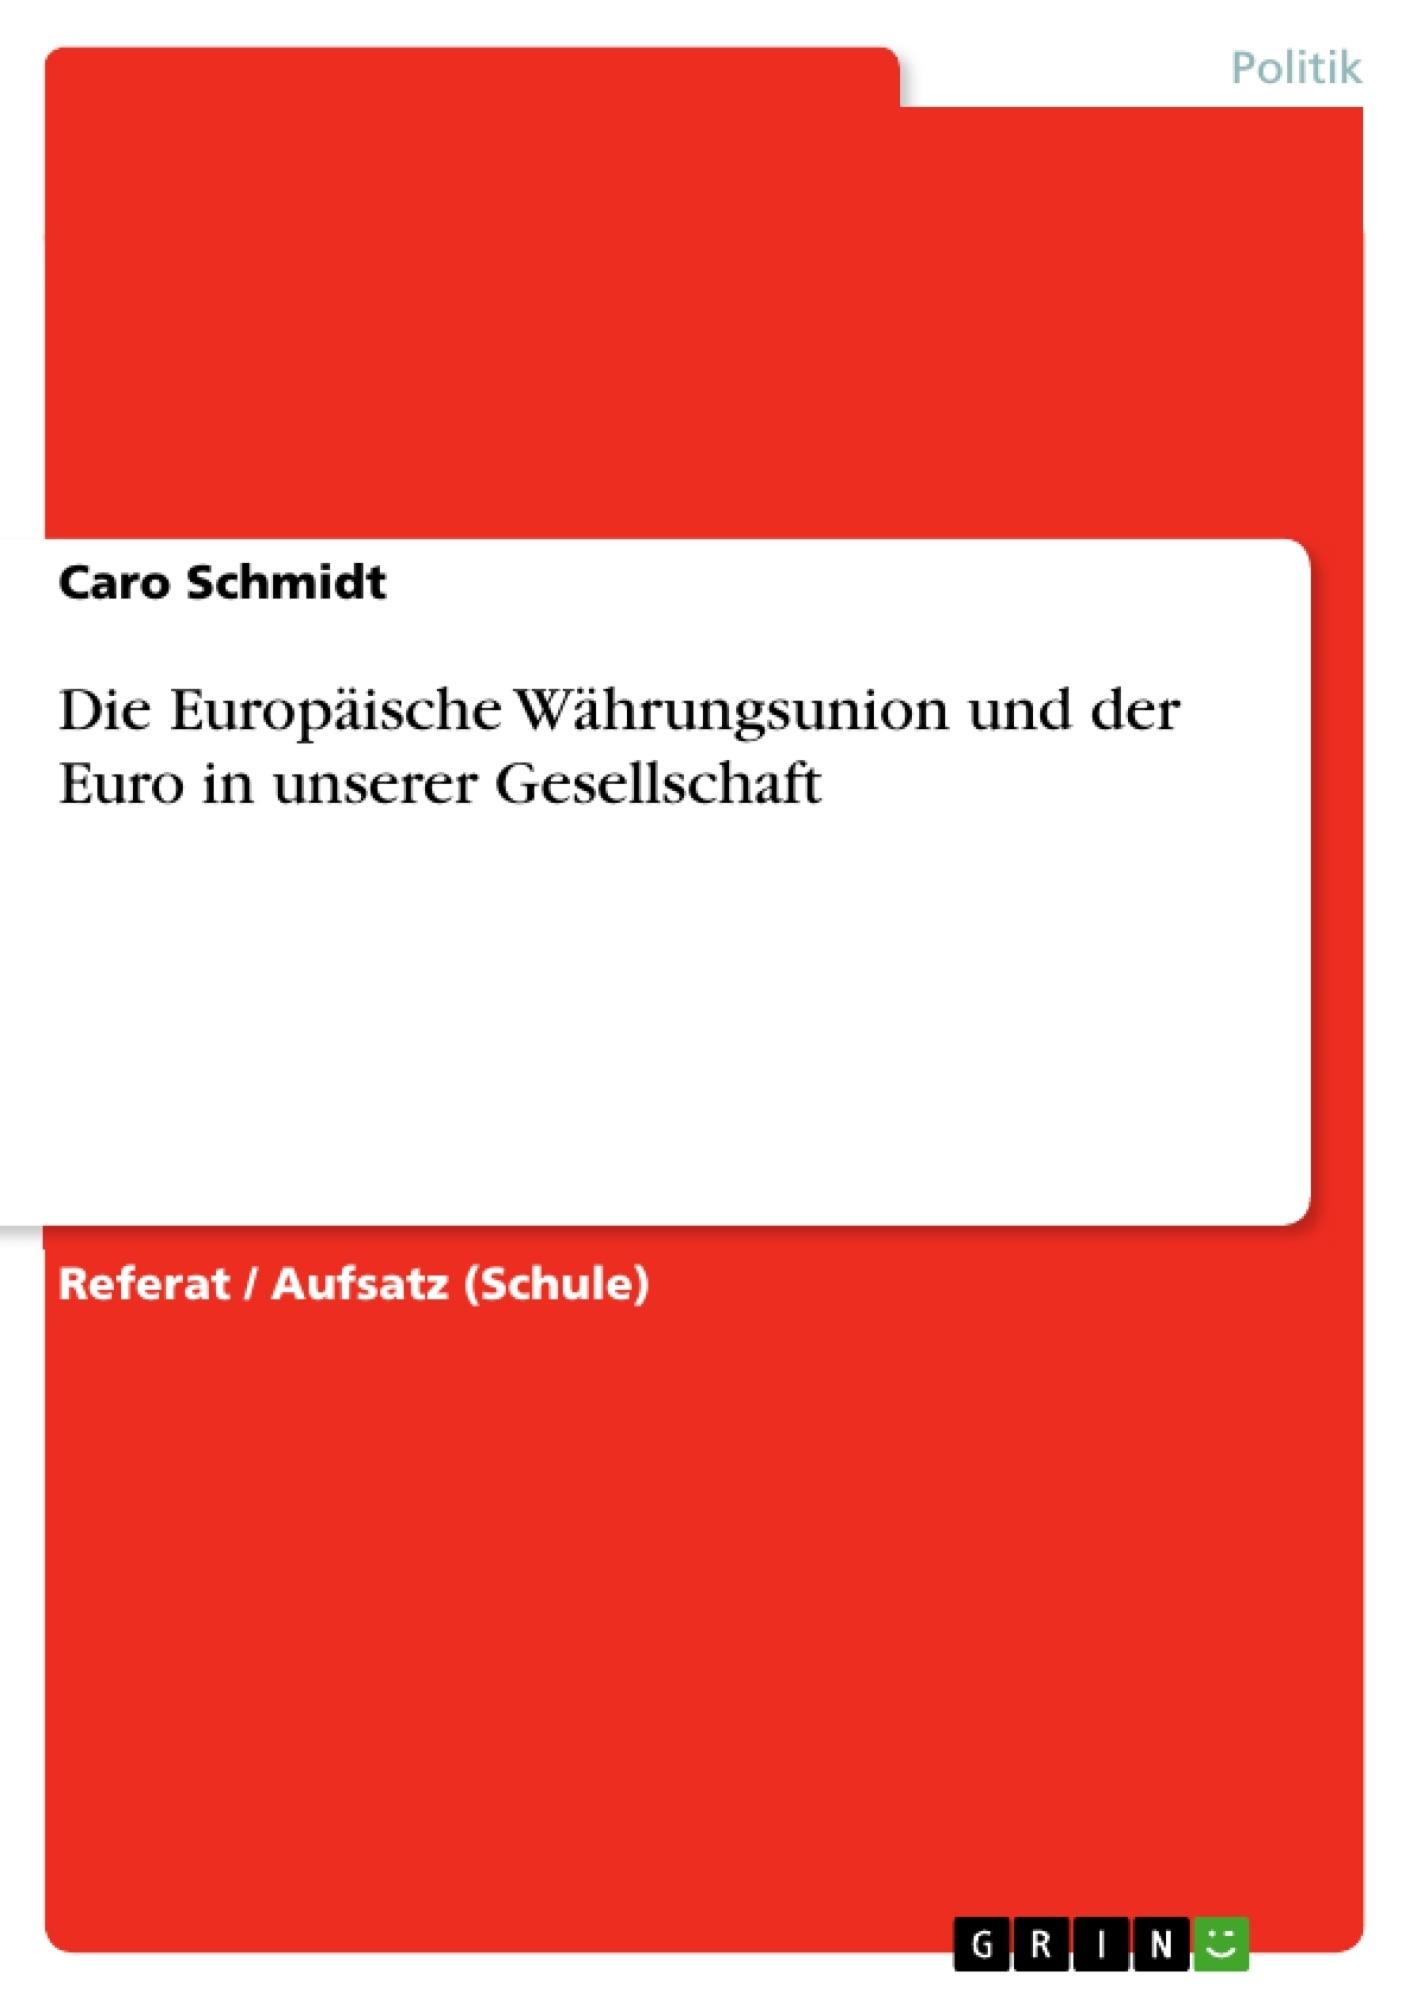 Titel: Die Europäische Währungsunion und der Euro in unserer Gesellschaft